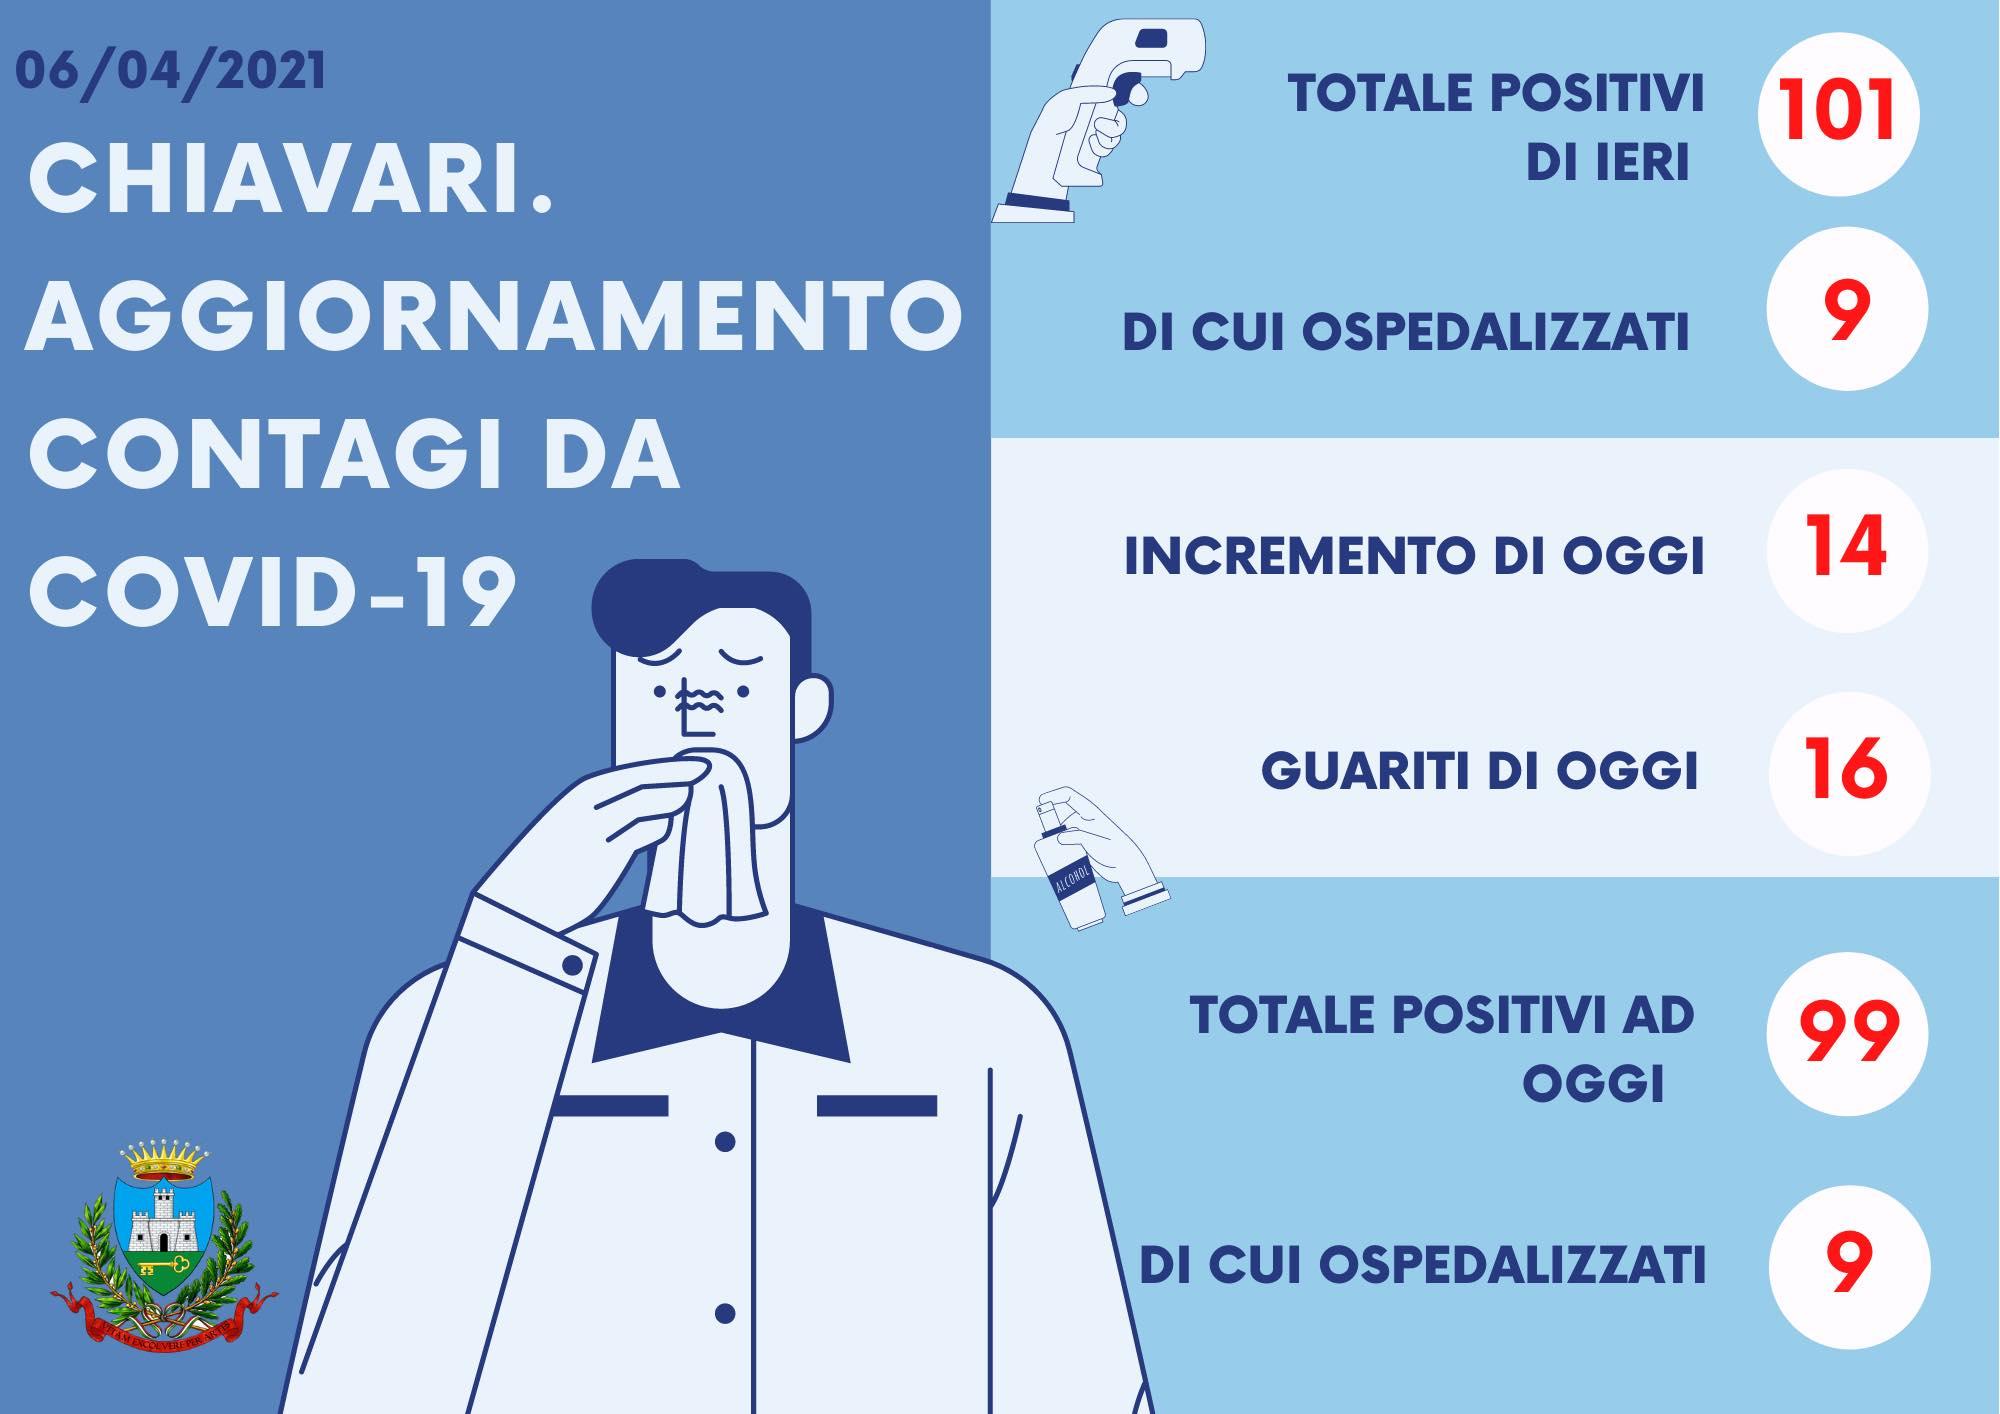 Chiavari: covid, 99 positivi con 9 ospedalizzati